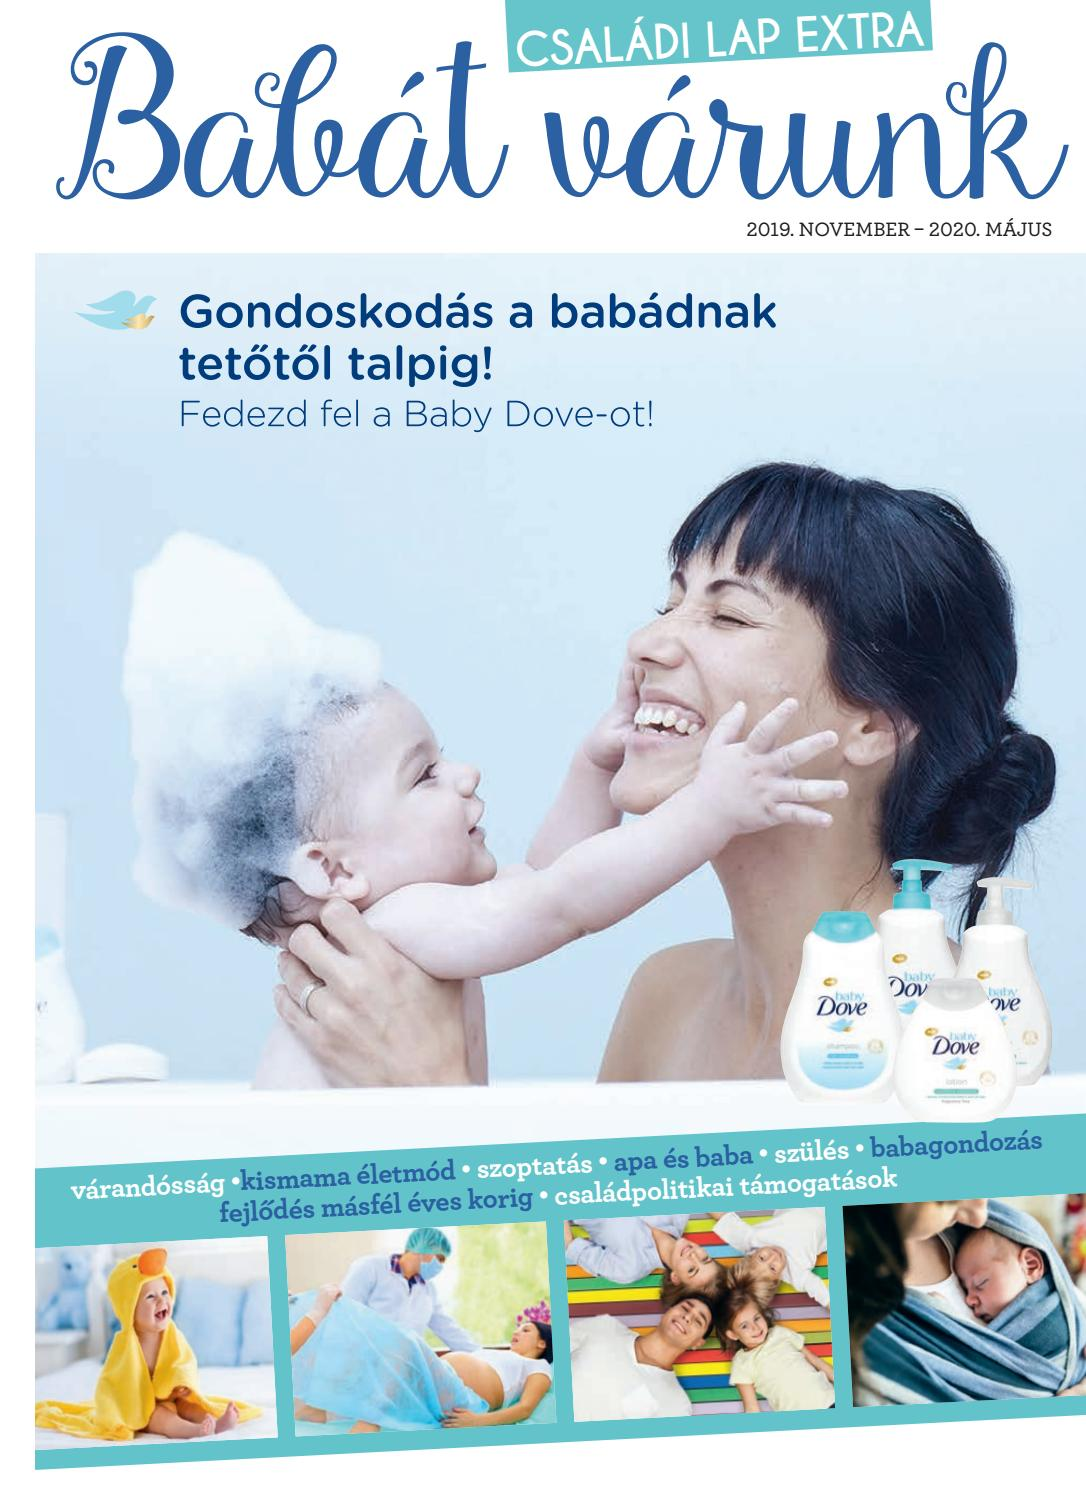 giardiasis kezelése szoptatással